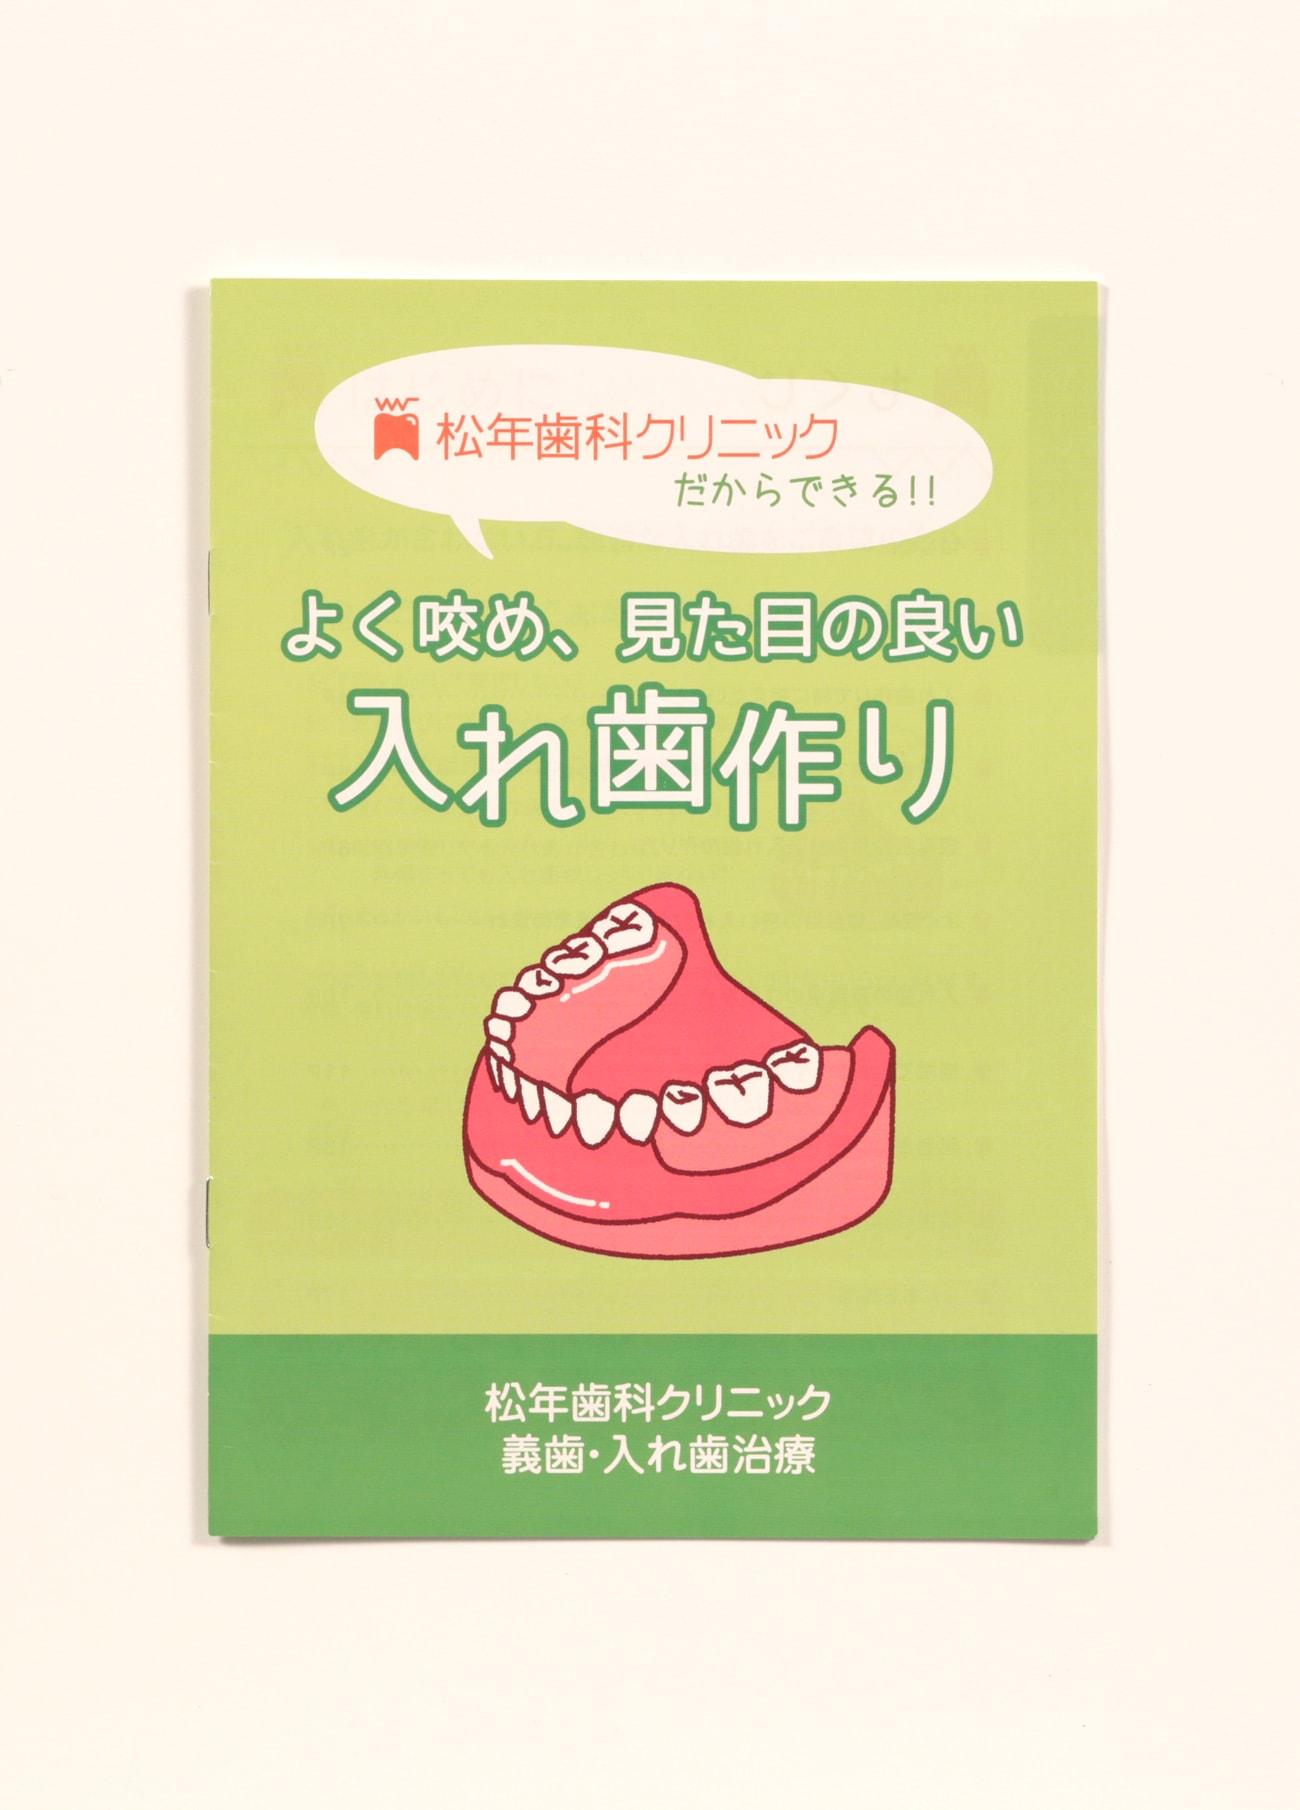 名古屋市 松年歯科クリニック 入れ歯パンフレット4